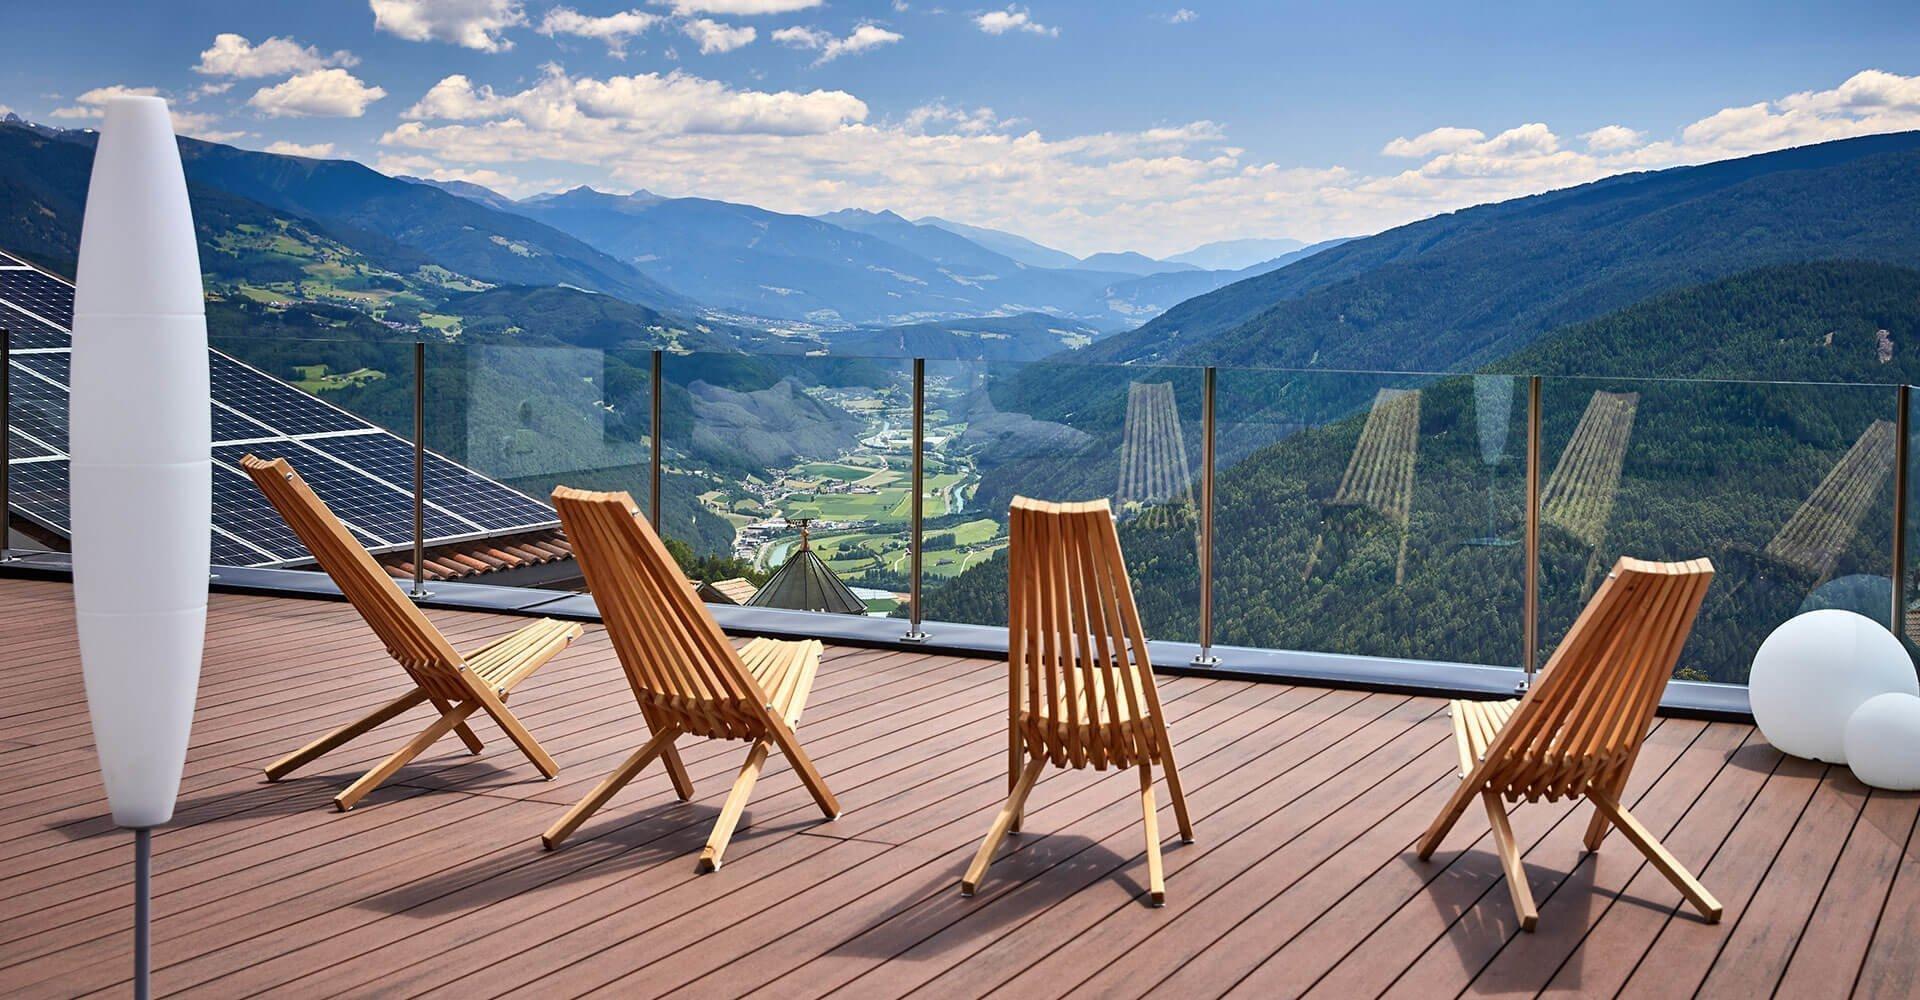 Sommerurlaub Zwischen Tälern und Bergen